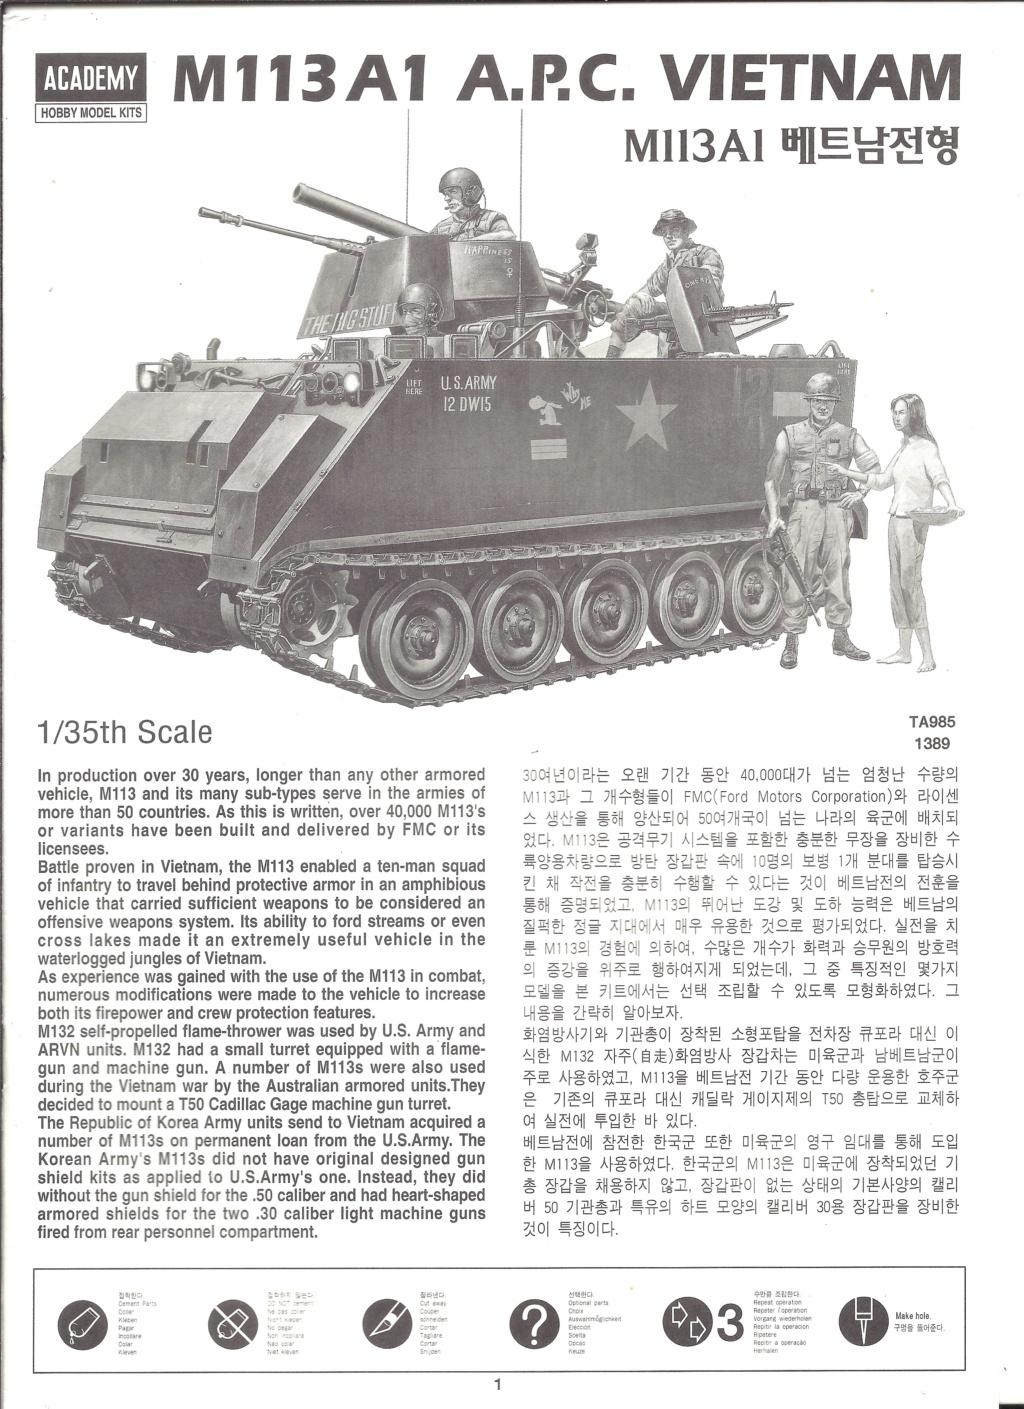 [ACADEMY]  M113A1 Guerre du VIETNAM 1/35ème Réf 1389 Notice Academ31